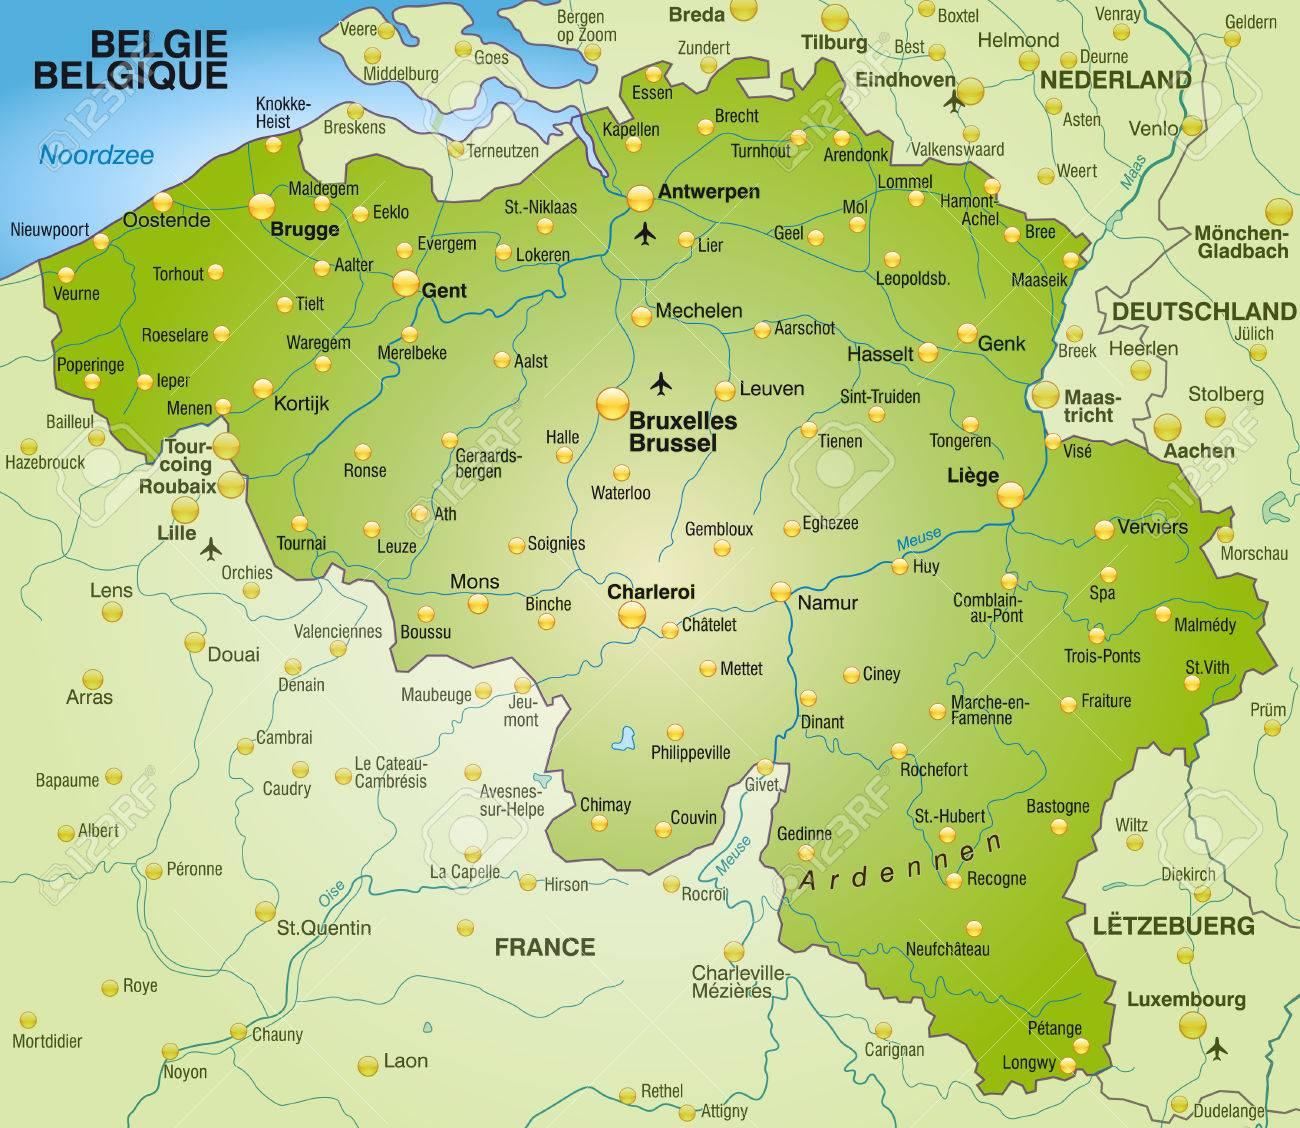 karte belgien Karte Von Belgien Als Übersichtskarte In Grün Lizenzfrei Nutzbare